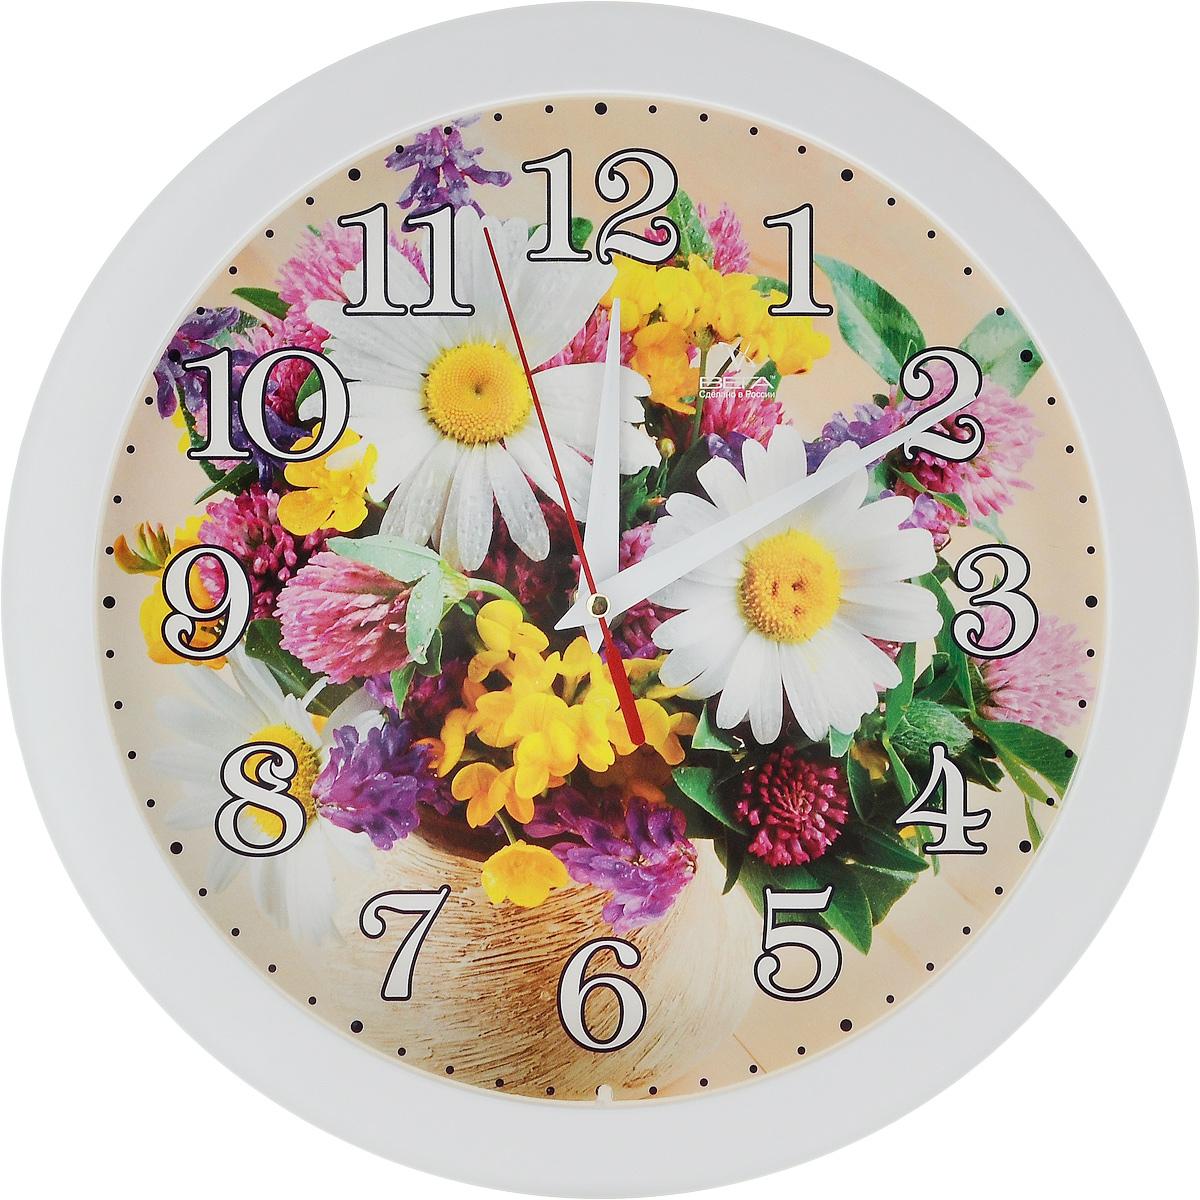 Часы настенные Вега Маринина радость, диаметр 28,5 смП1-1/7-273Настенные кварцевые часы Вега Маринина радость, изготовленные из пластика, прекрасно впишутся в интерьер вашего дома. Часы имеют три стрелки: часовую, минутную и секундную, циферблат защищен прозрачным стеклом. Часы работают от 1 батарейки типа АА напряжением 1,5 В (не входит в комплект).Диаметр часов: 28,5 см.